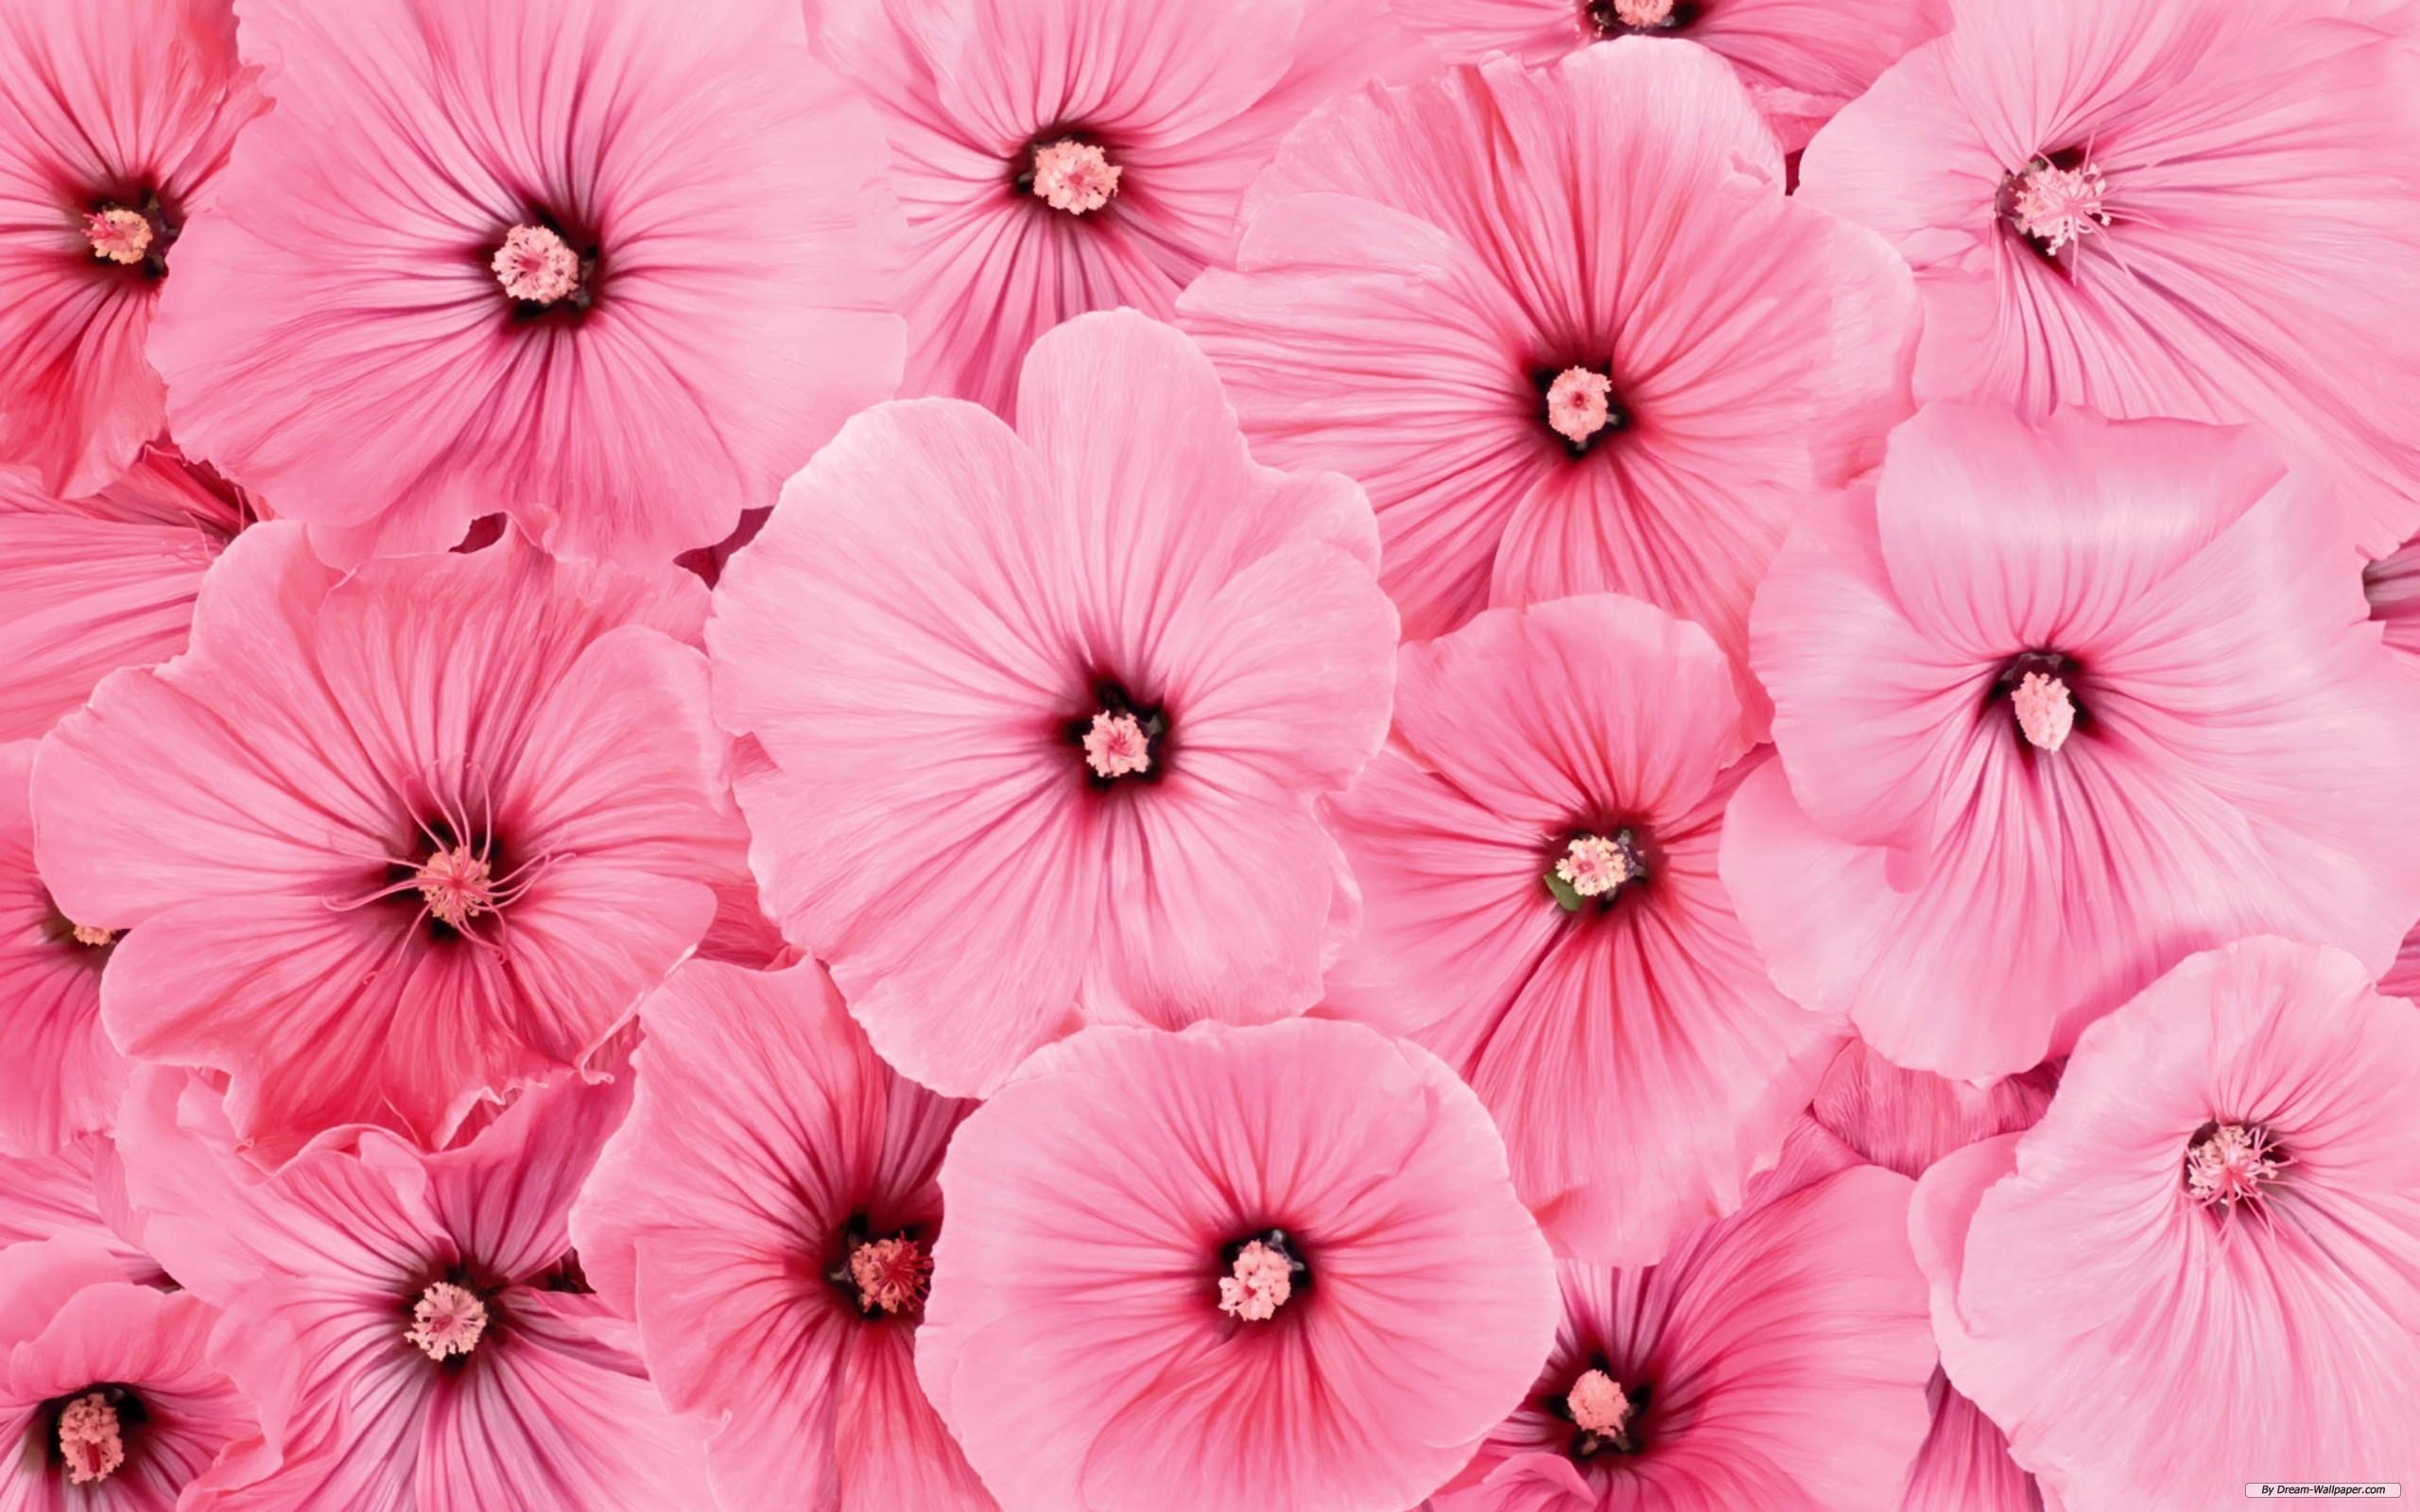 Flower wallpaper   Beautiful Flower wallpaper   2560x1600 wallpaper 2560x1600